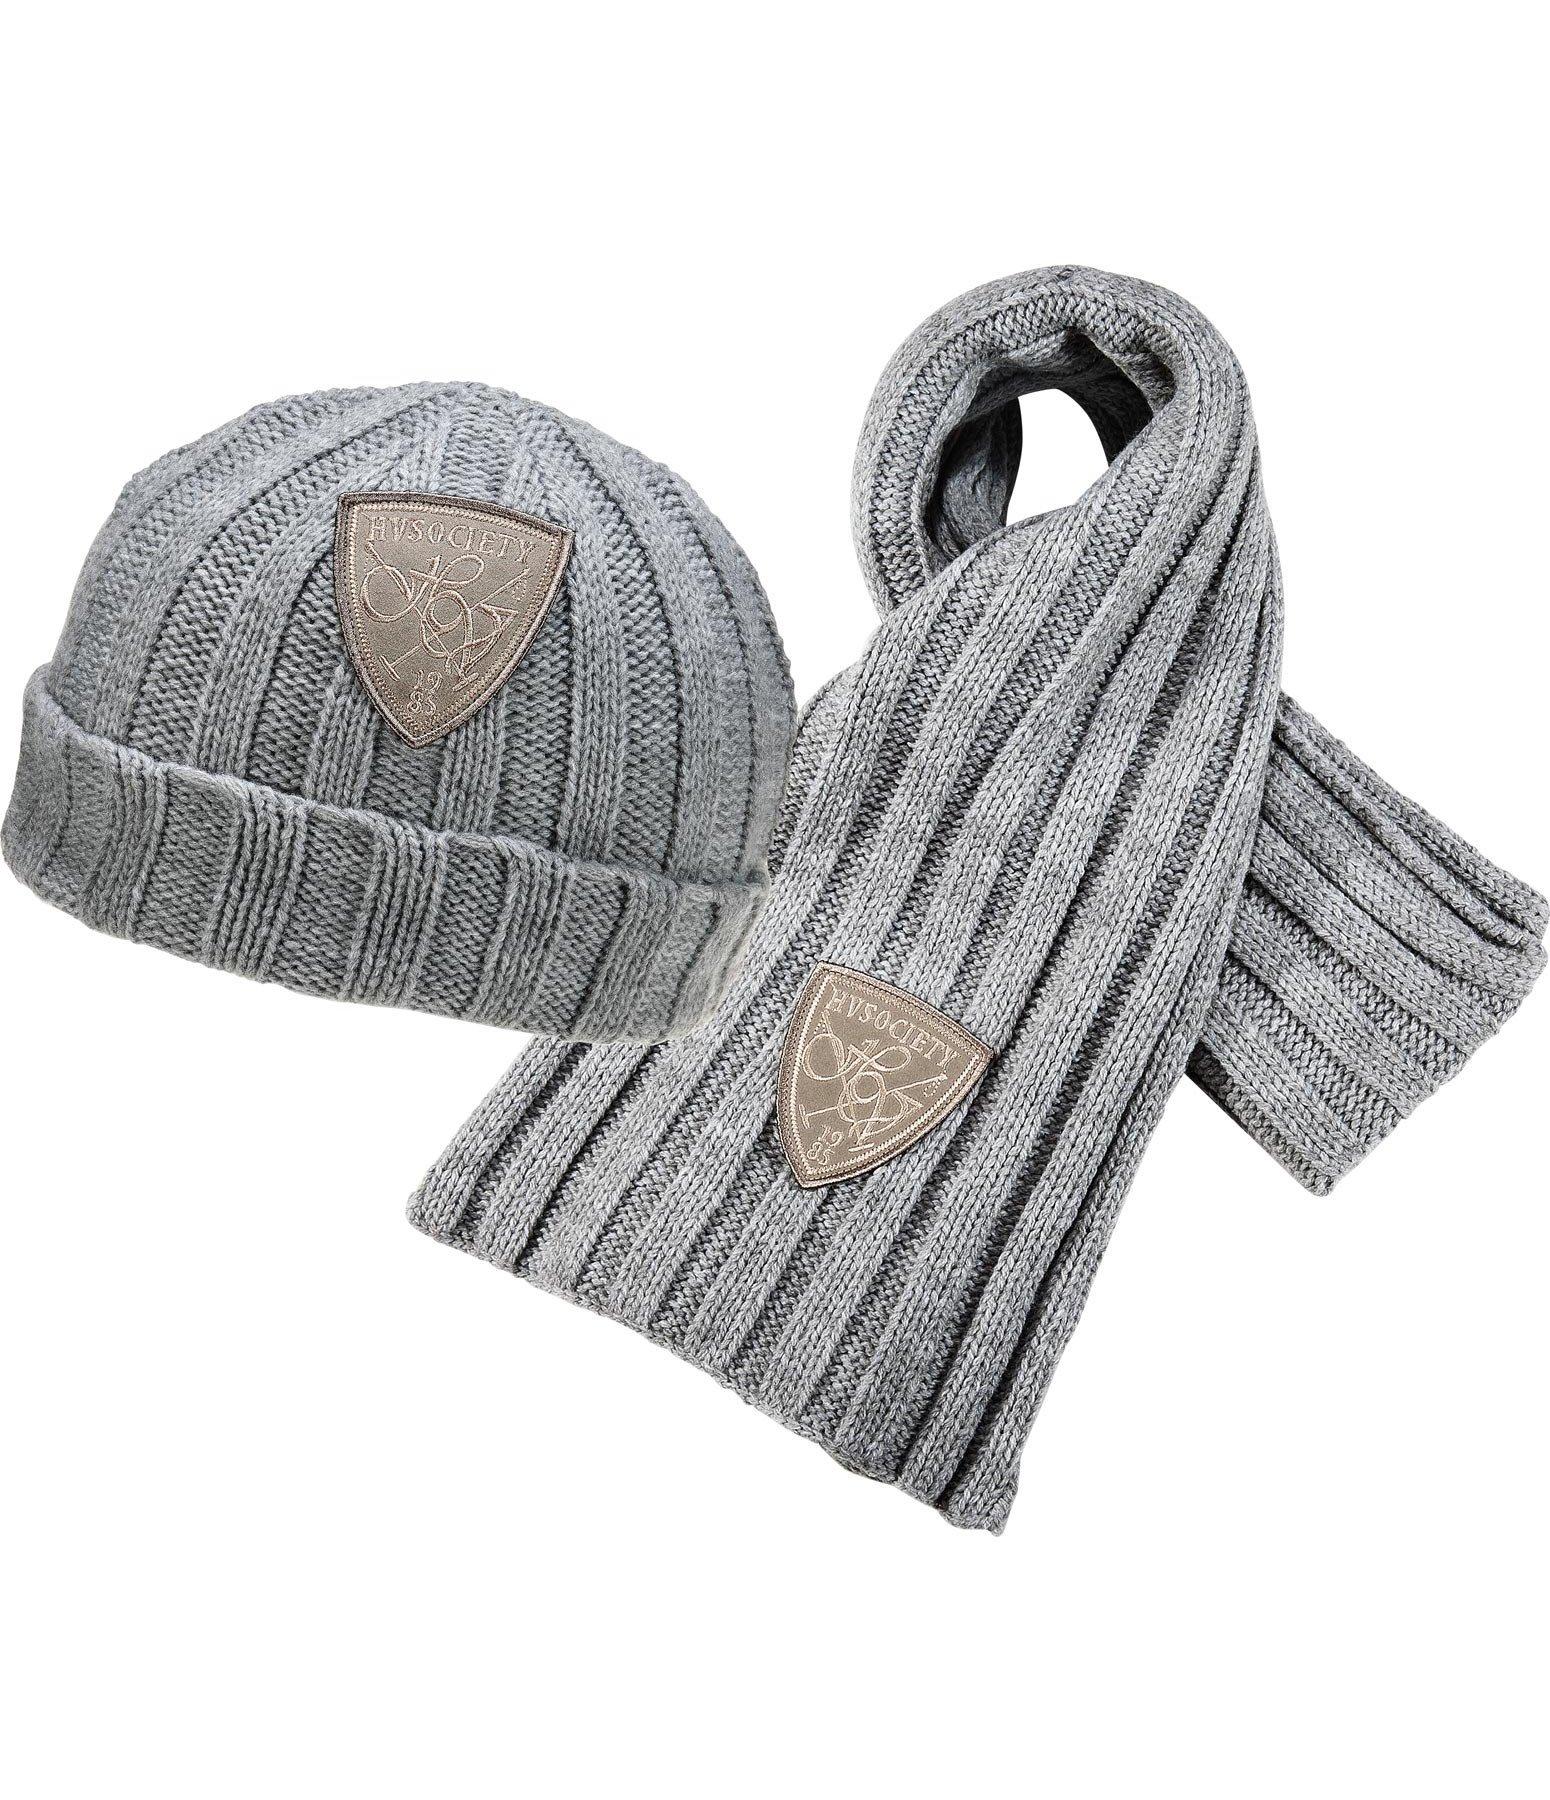 ensemble bonnet et charpe charpes kramer equitation. Black Bedroom Furniture Sets. Home Design Ideas